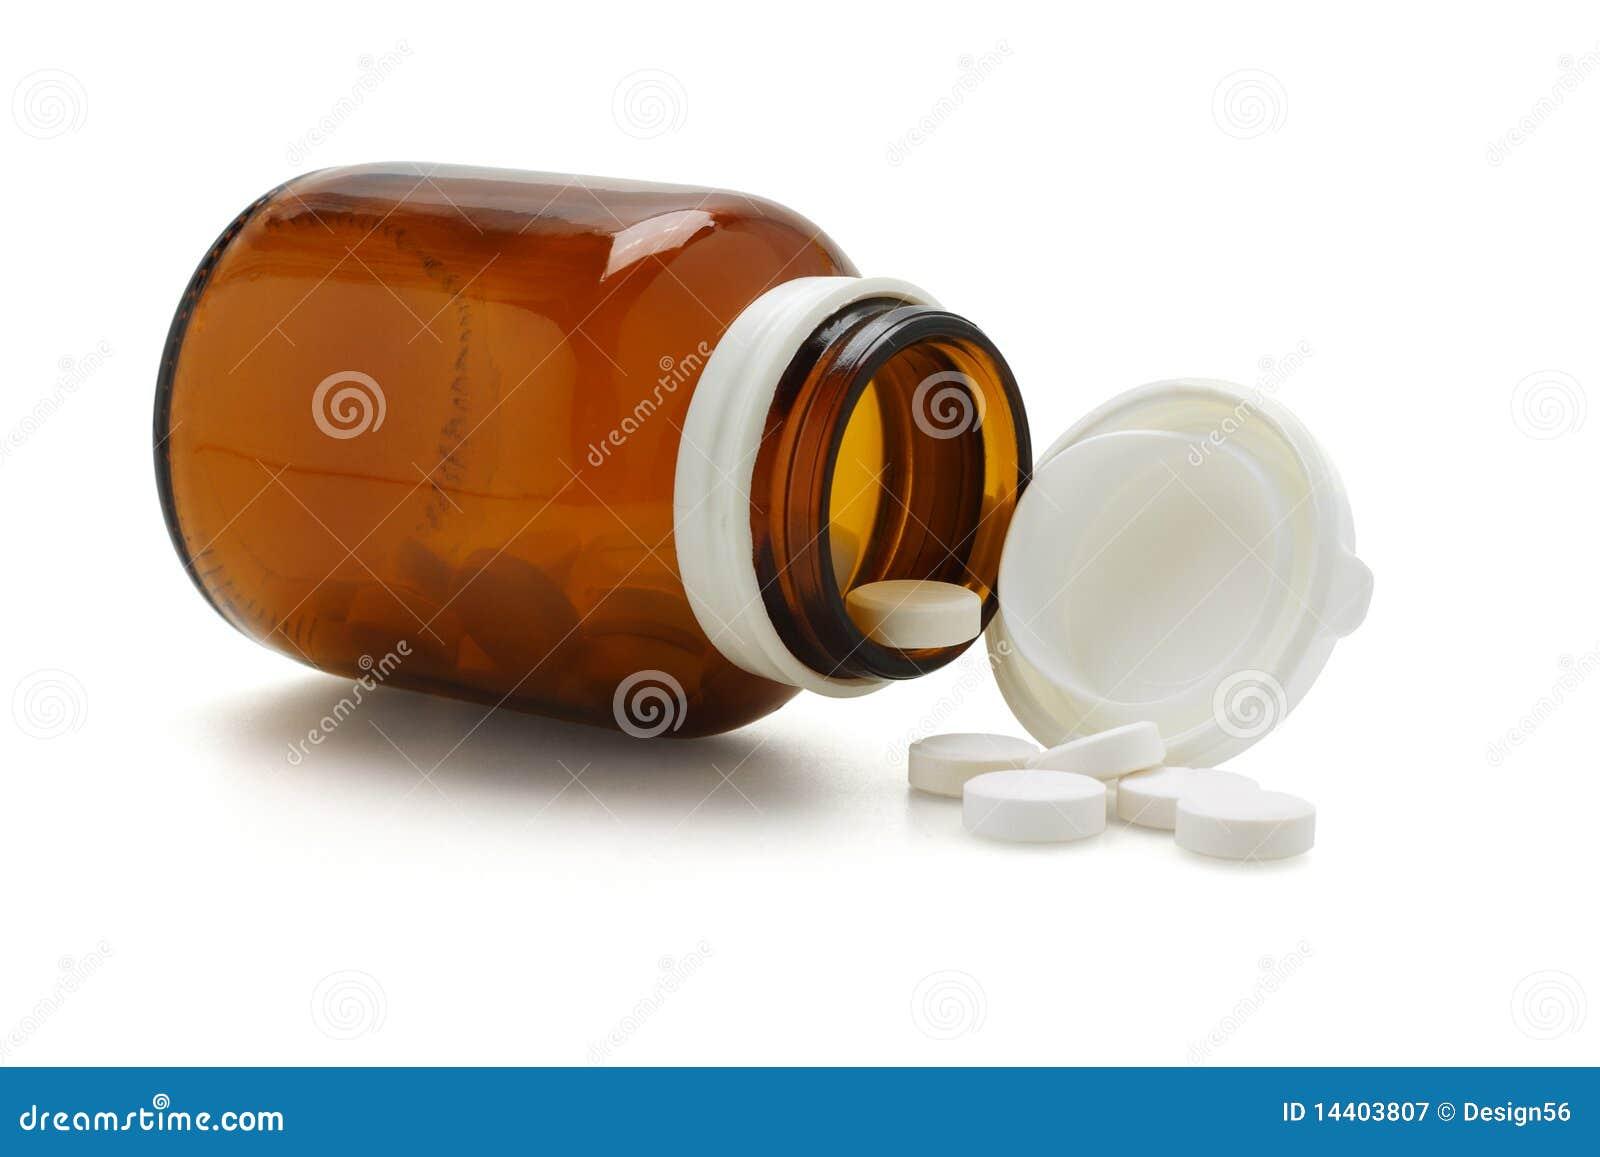 Öffnen Sie Glasflasche und spliied Tabletten